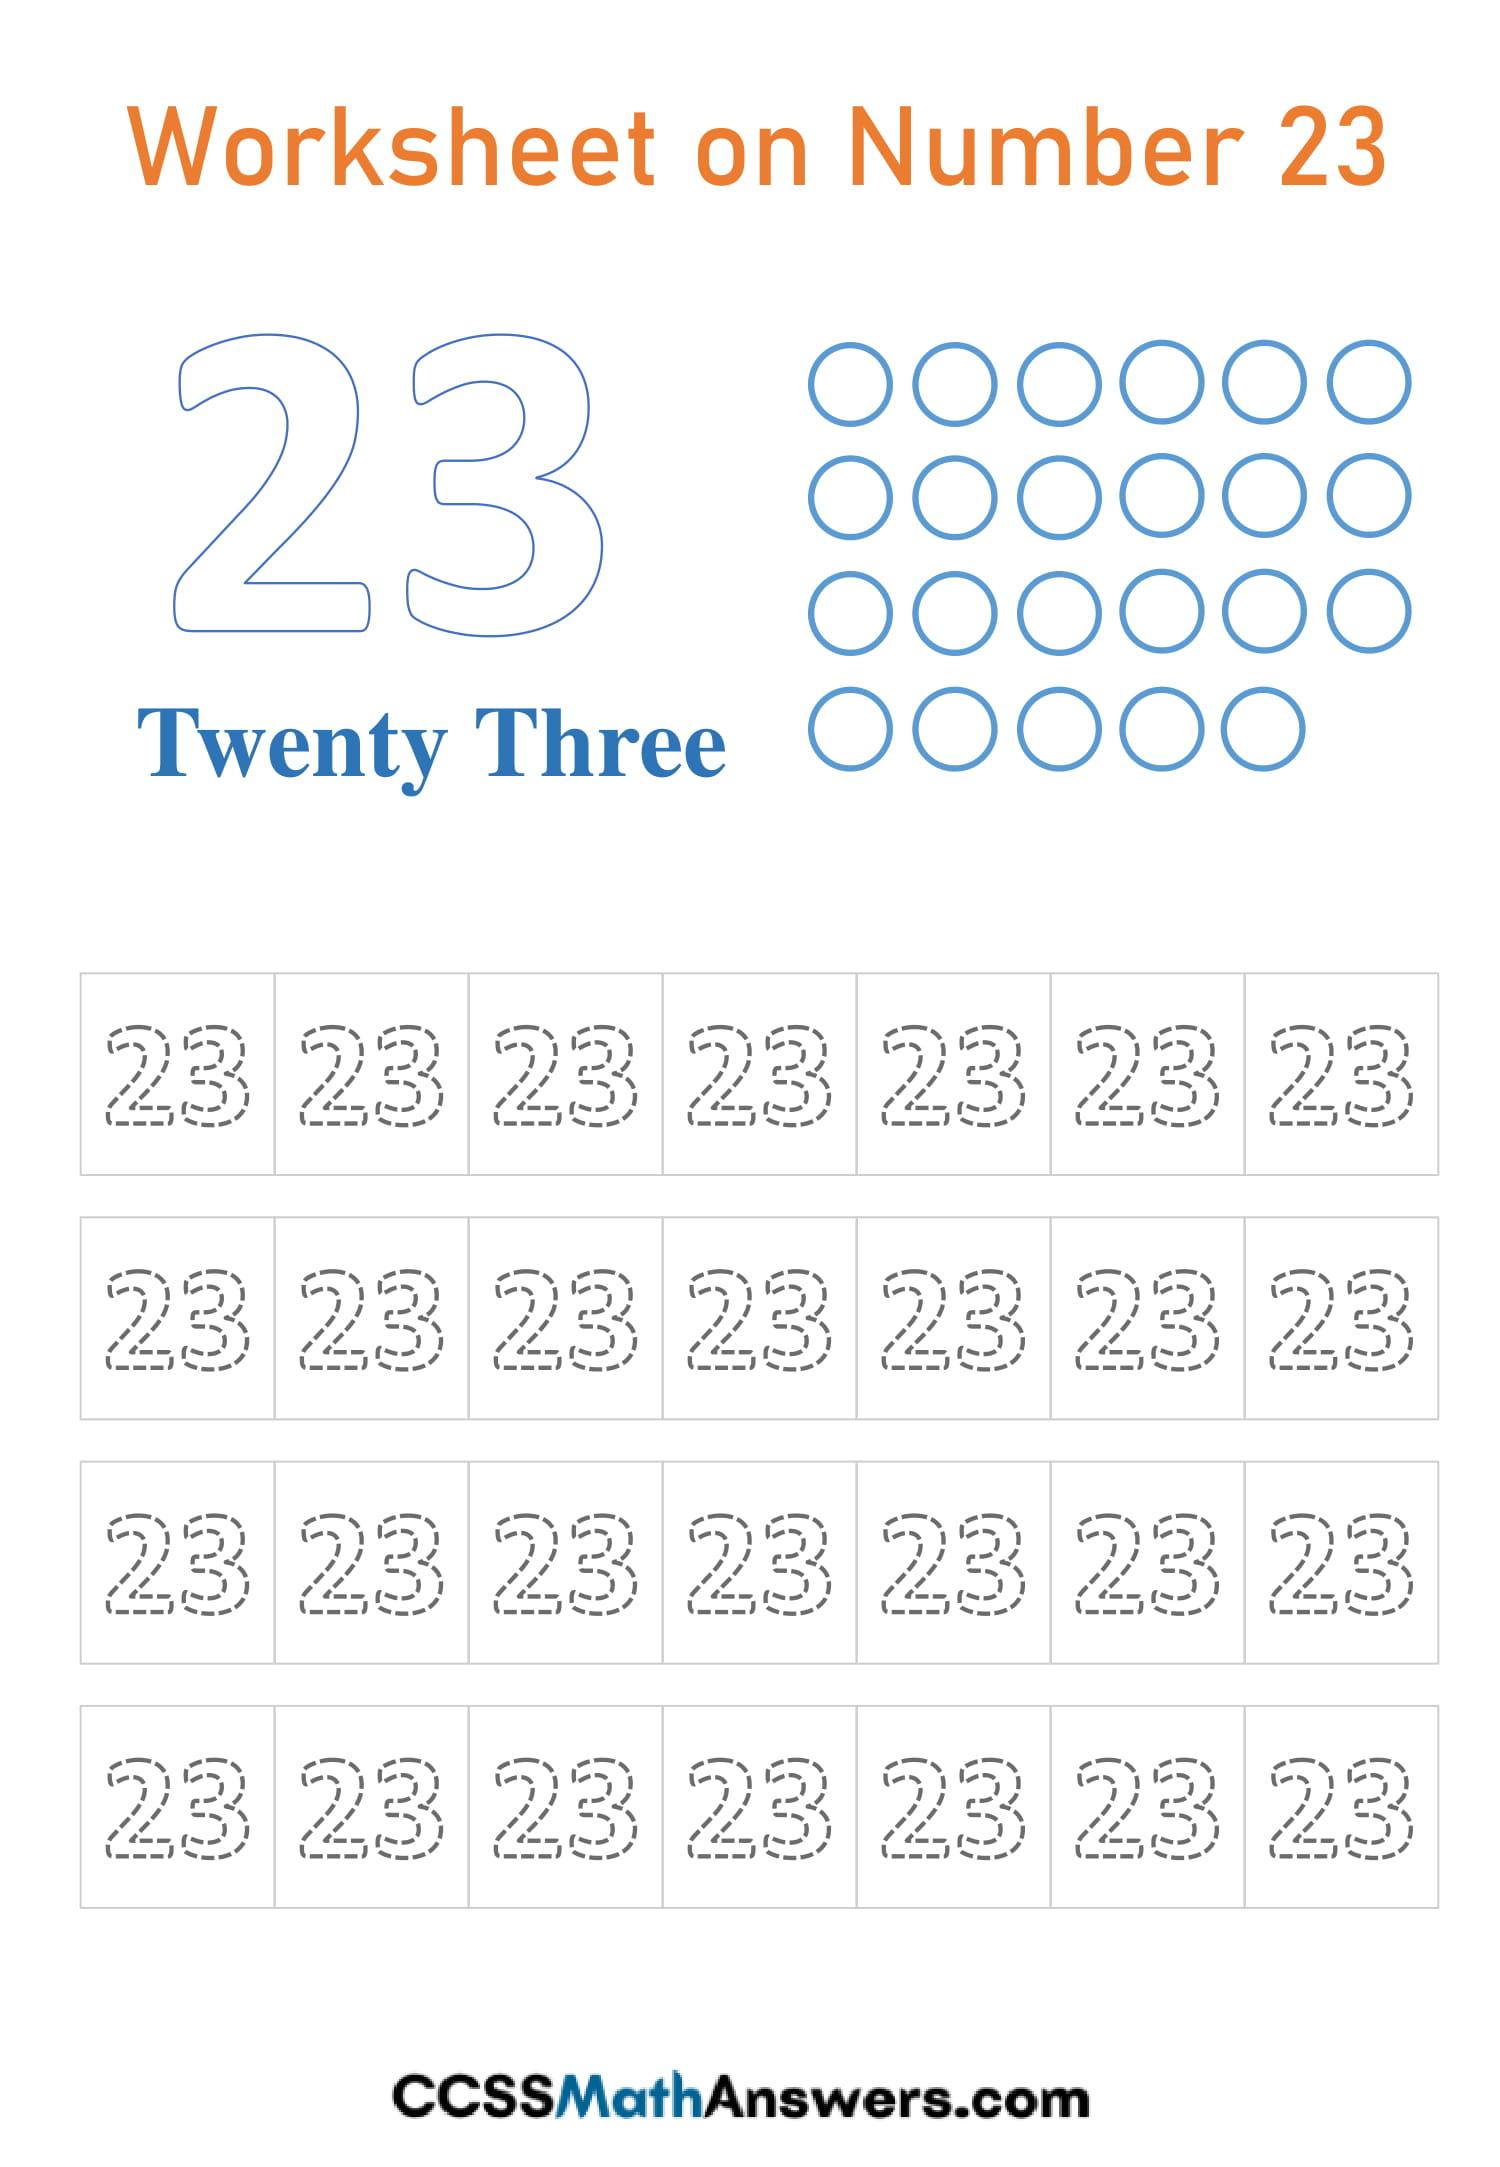 Number 23 Worksheet